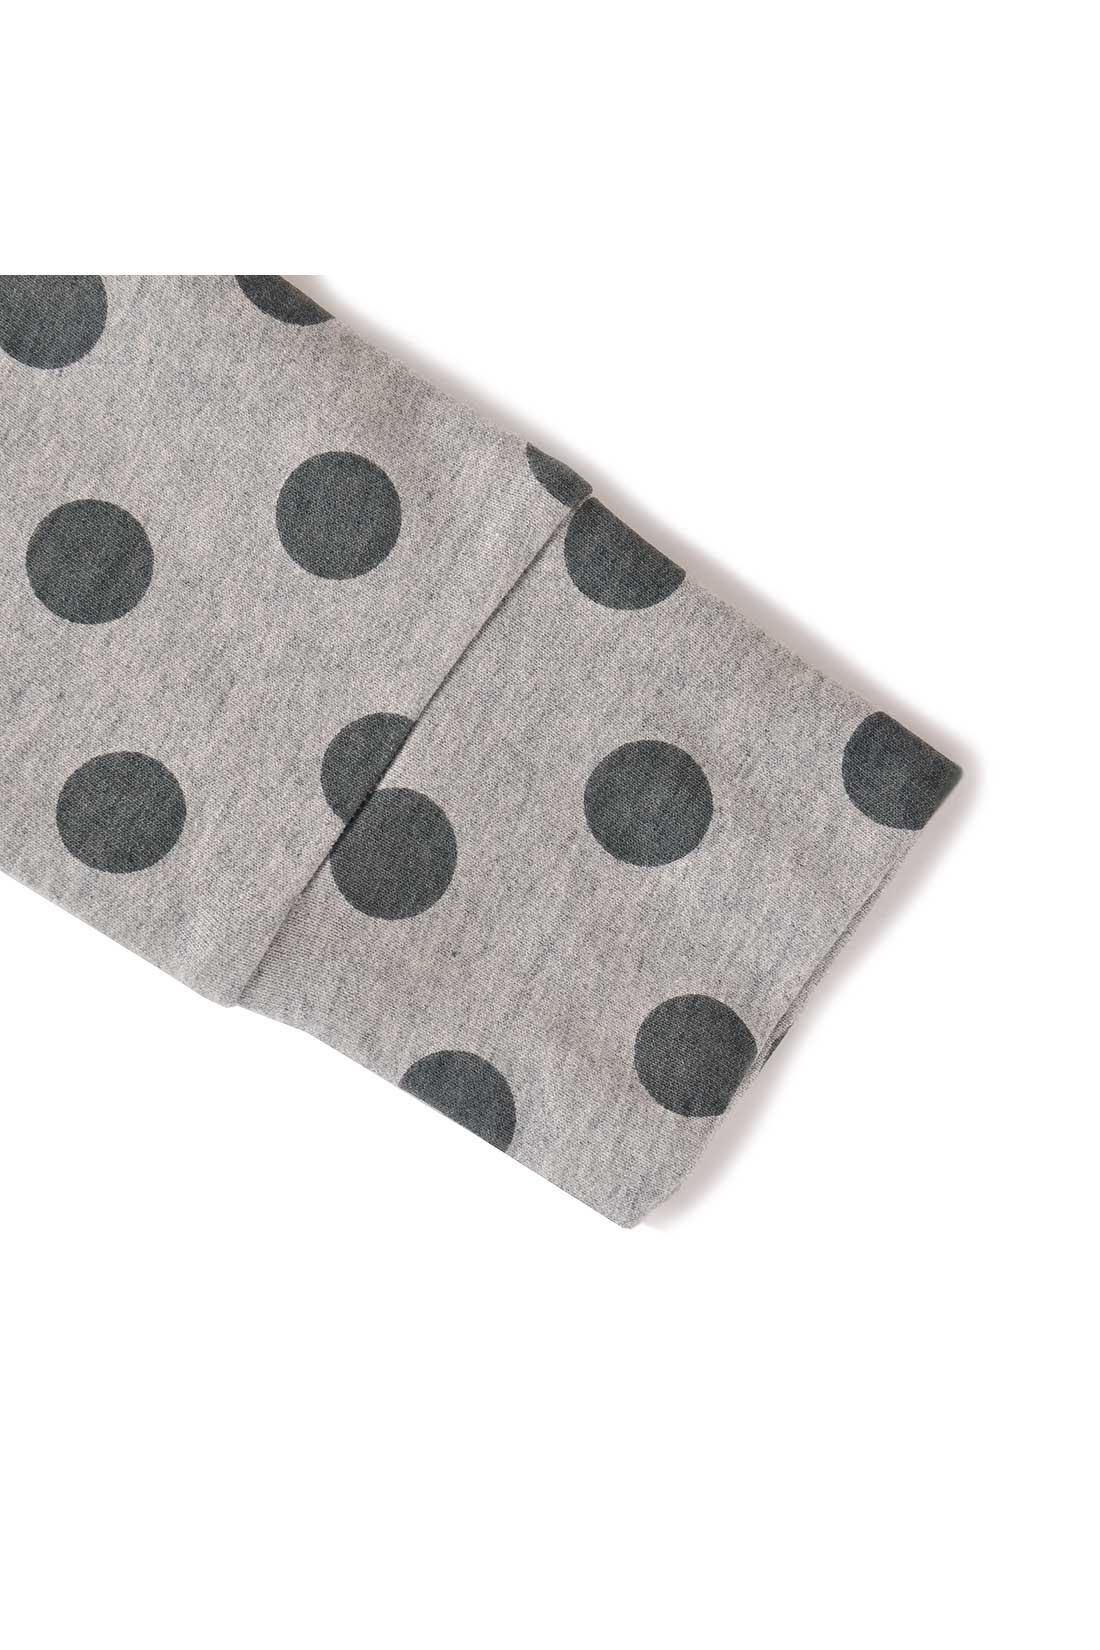 袖とすそは、リブ生地を使わずに、共生地を折り返して使っています。